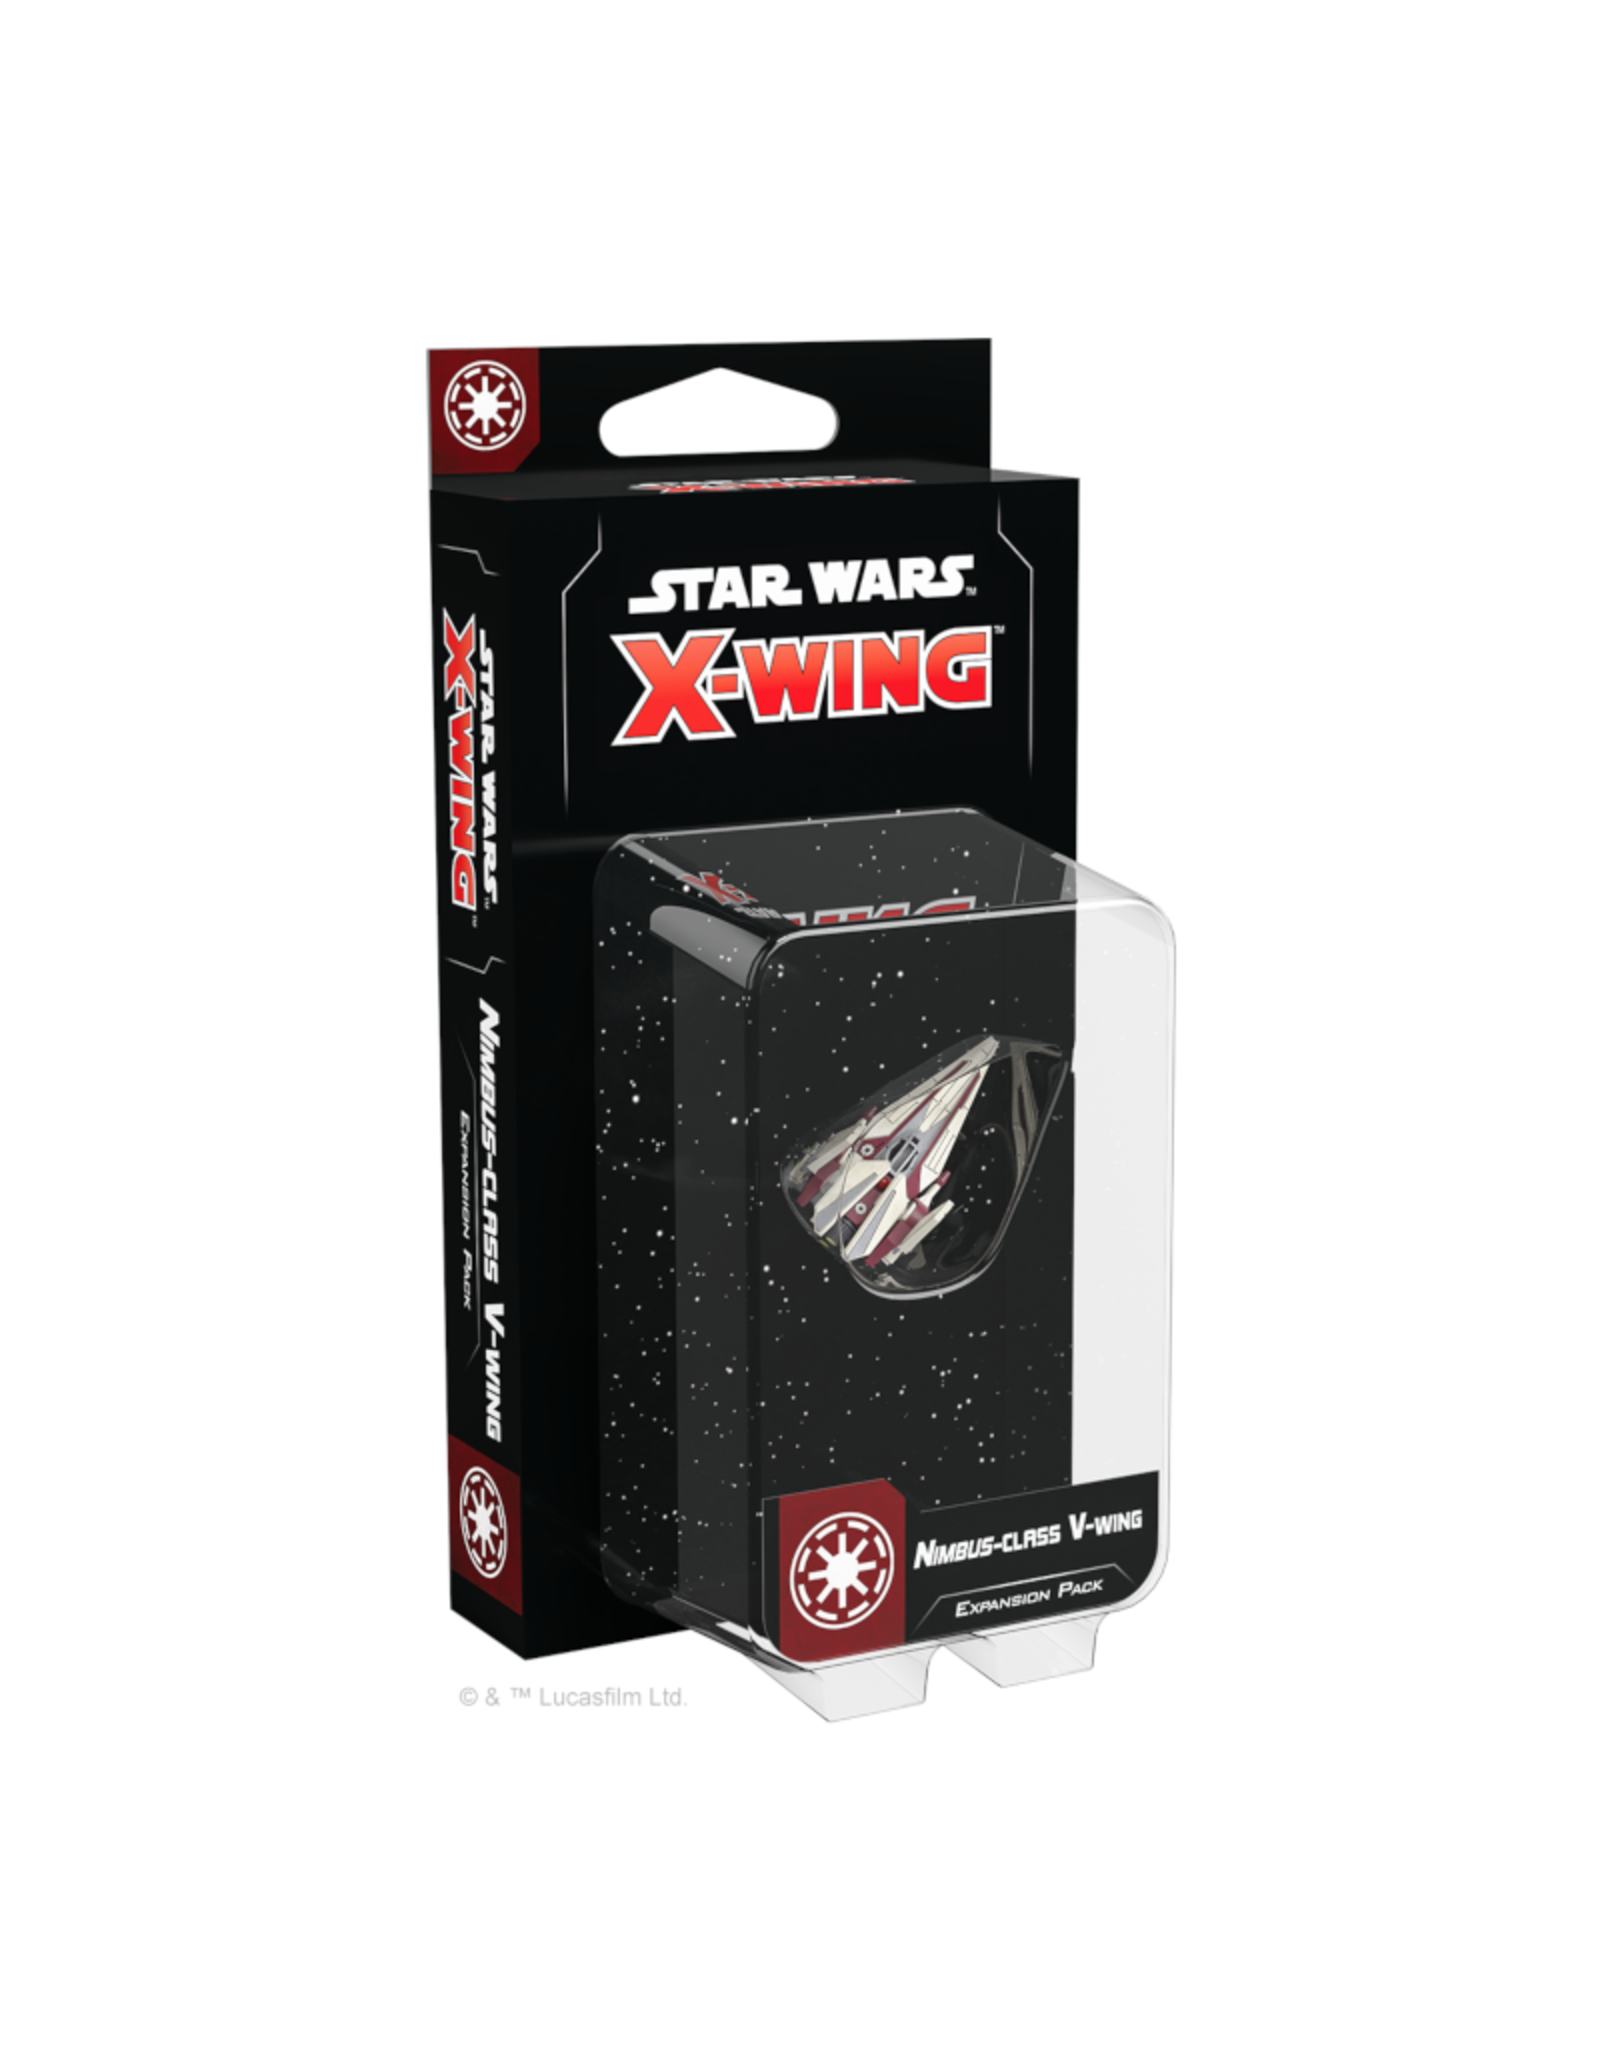 Fantasy Flight Games Star Wars X-Wing Nimbus Class V-Wing